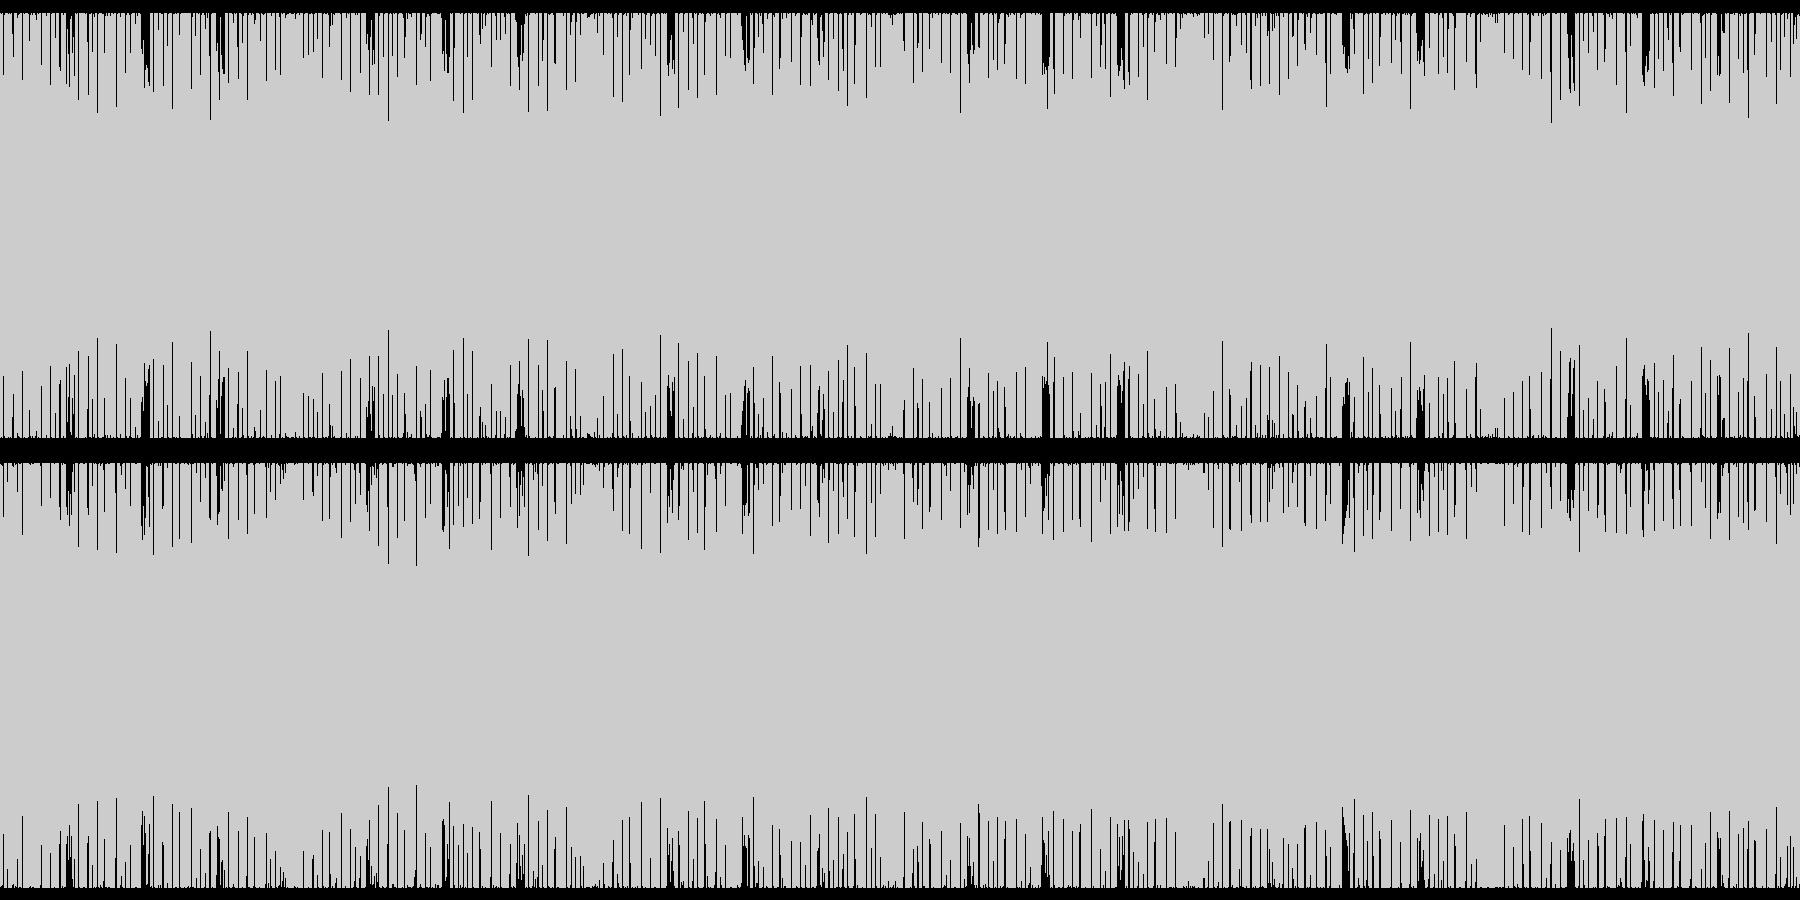 ピコピコキラキラテクノポップ-アップの未再生の波形